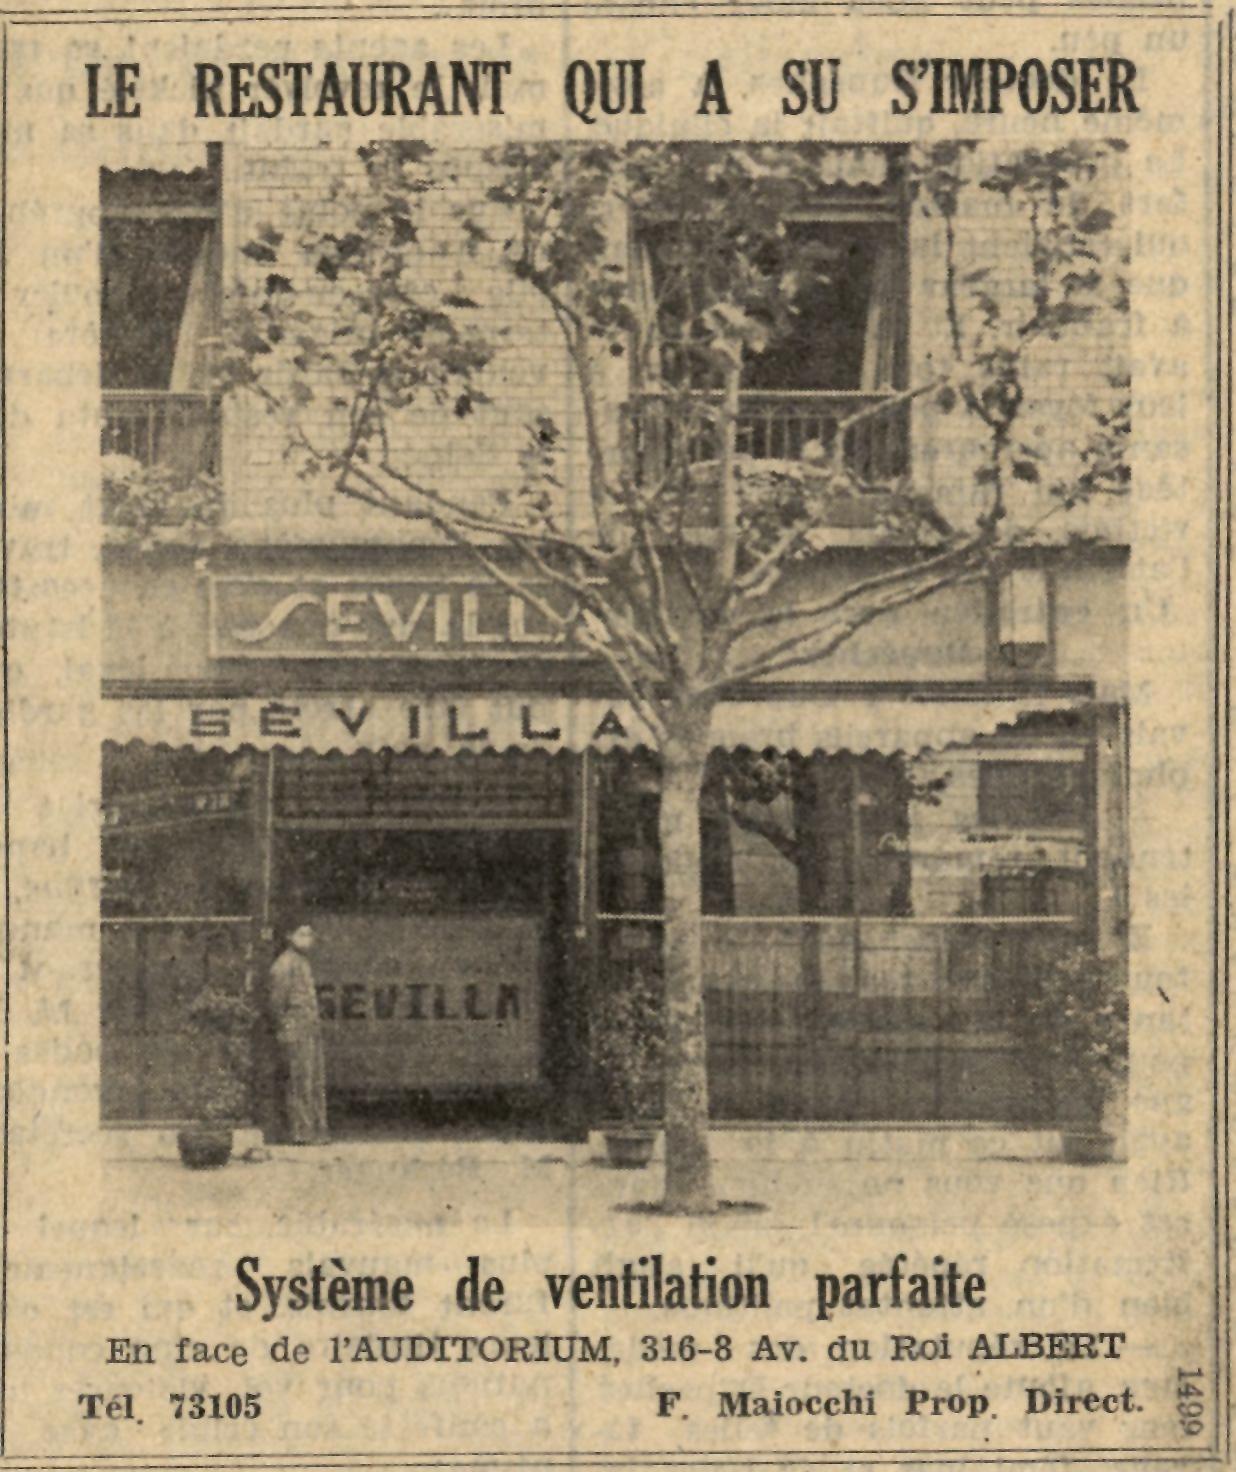 上海塞维利亚餐厅的广告刊登于《法文上海日报》(1935年6月29日) 。上海塞万提斯图书馆供图